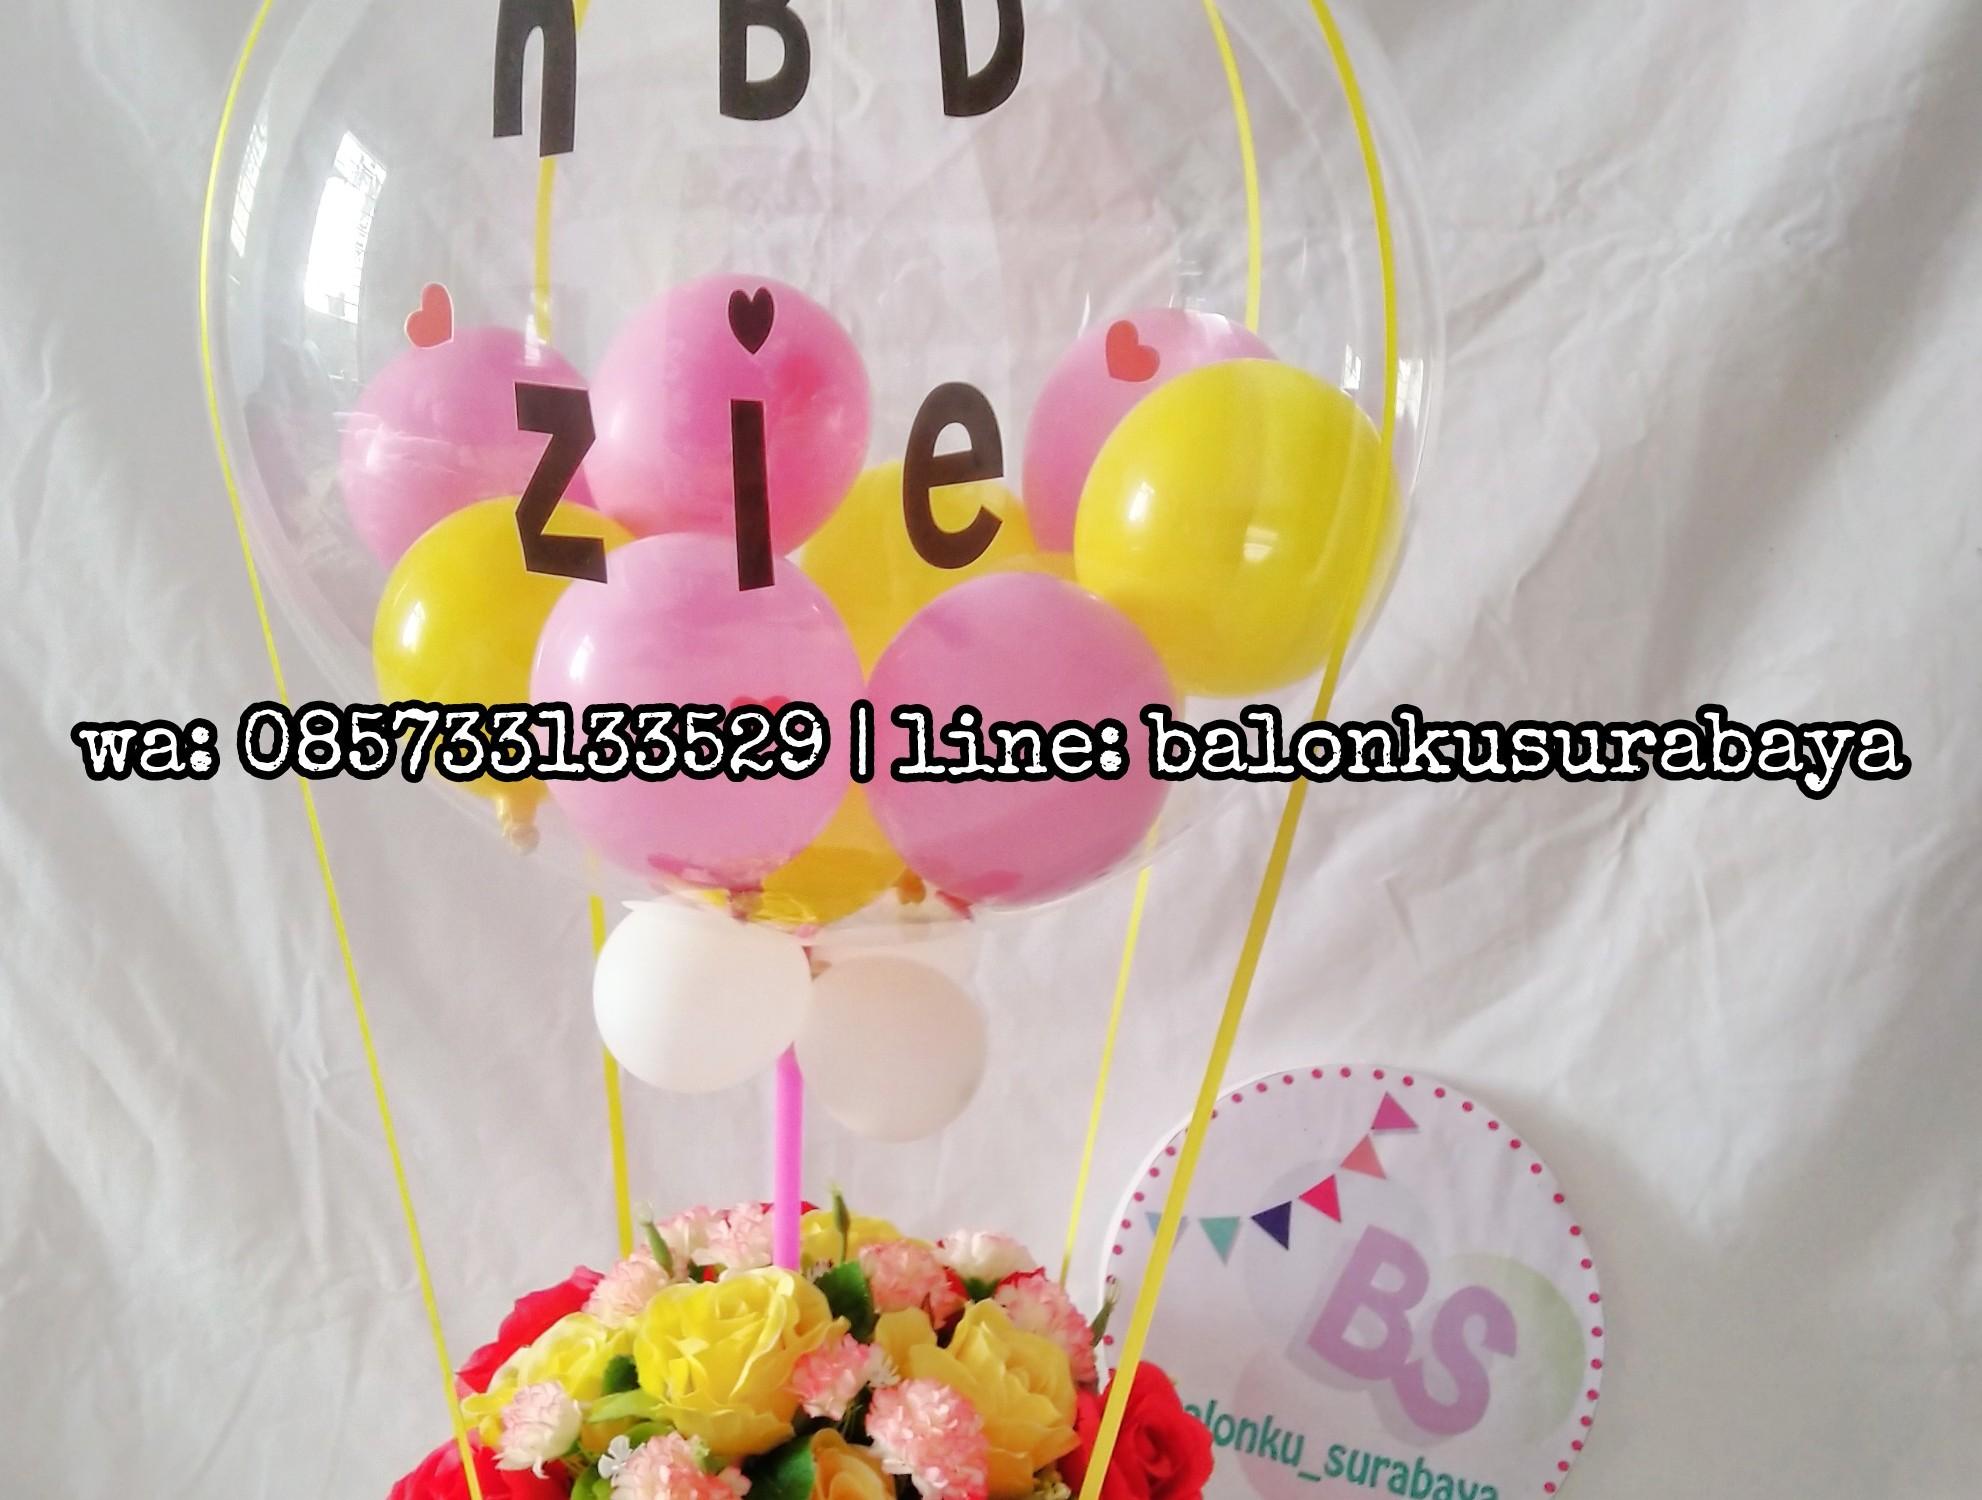 Balon sablon, balon Printing, balon promosi Promo balon, Diskon Akhir tahun, Perlengkapan ulang tahun, Balon latex , balon doff, balon latex merah, balon doff merah, balon natal, balon agustusan, balon dekorasi, balonku Surabaya, 085733133529